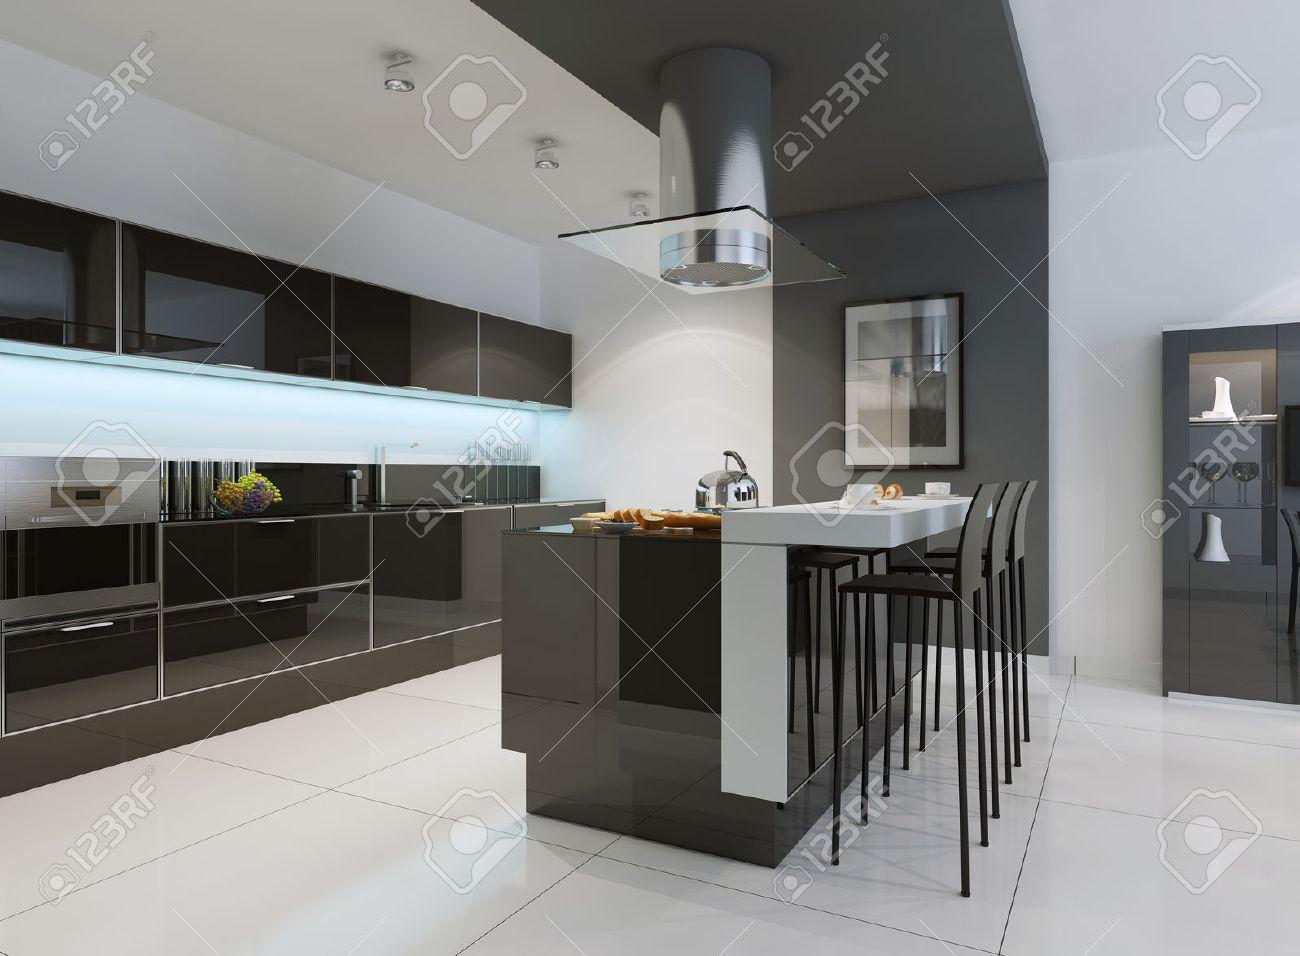 46196885 ide de cuisine minimaliste cuisine moderne avec un vier encastr armoires cran plat d armoires de tojpg